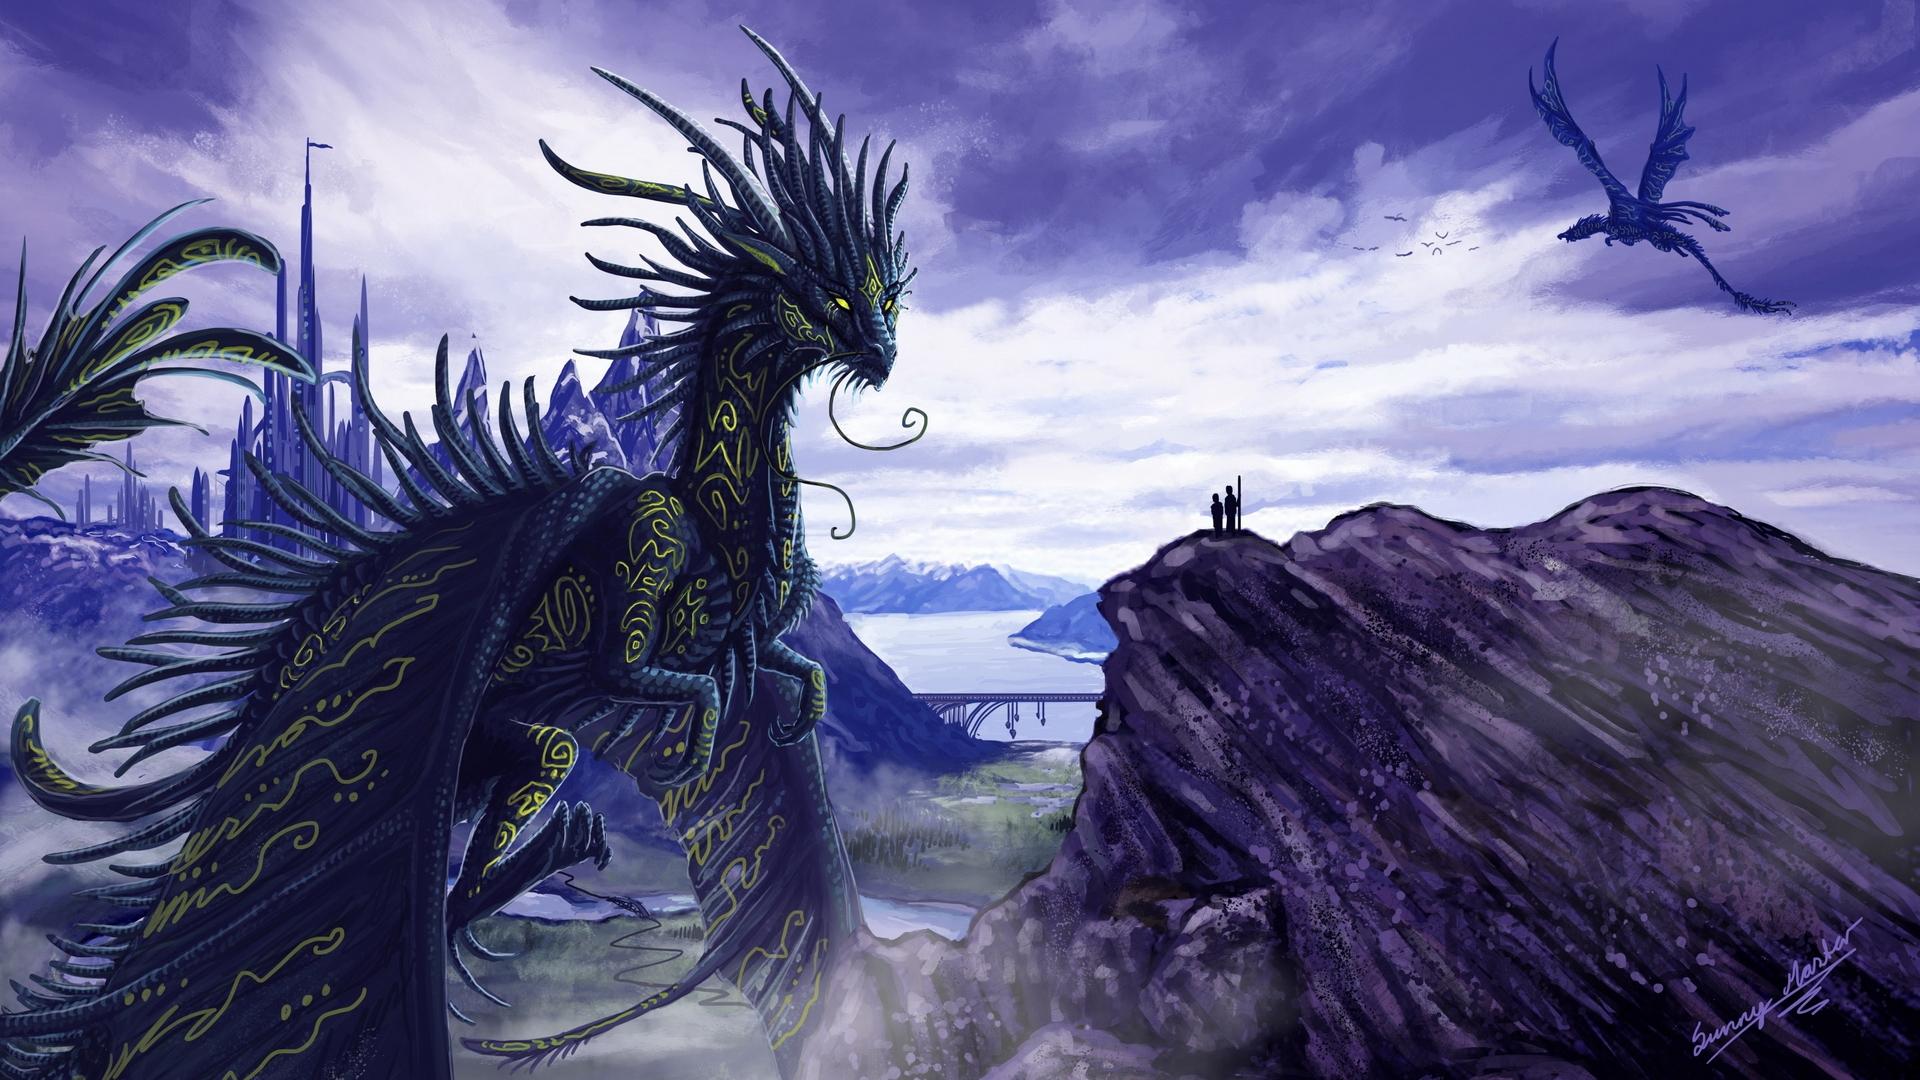 исключают, что картинки для рабочий стол драконов только что хотел